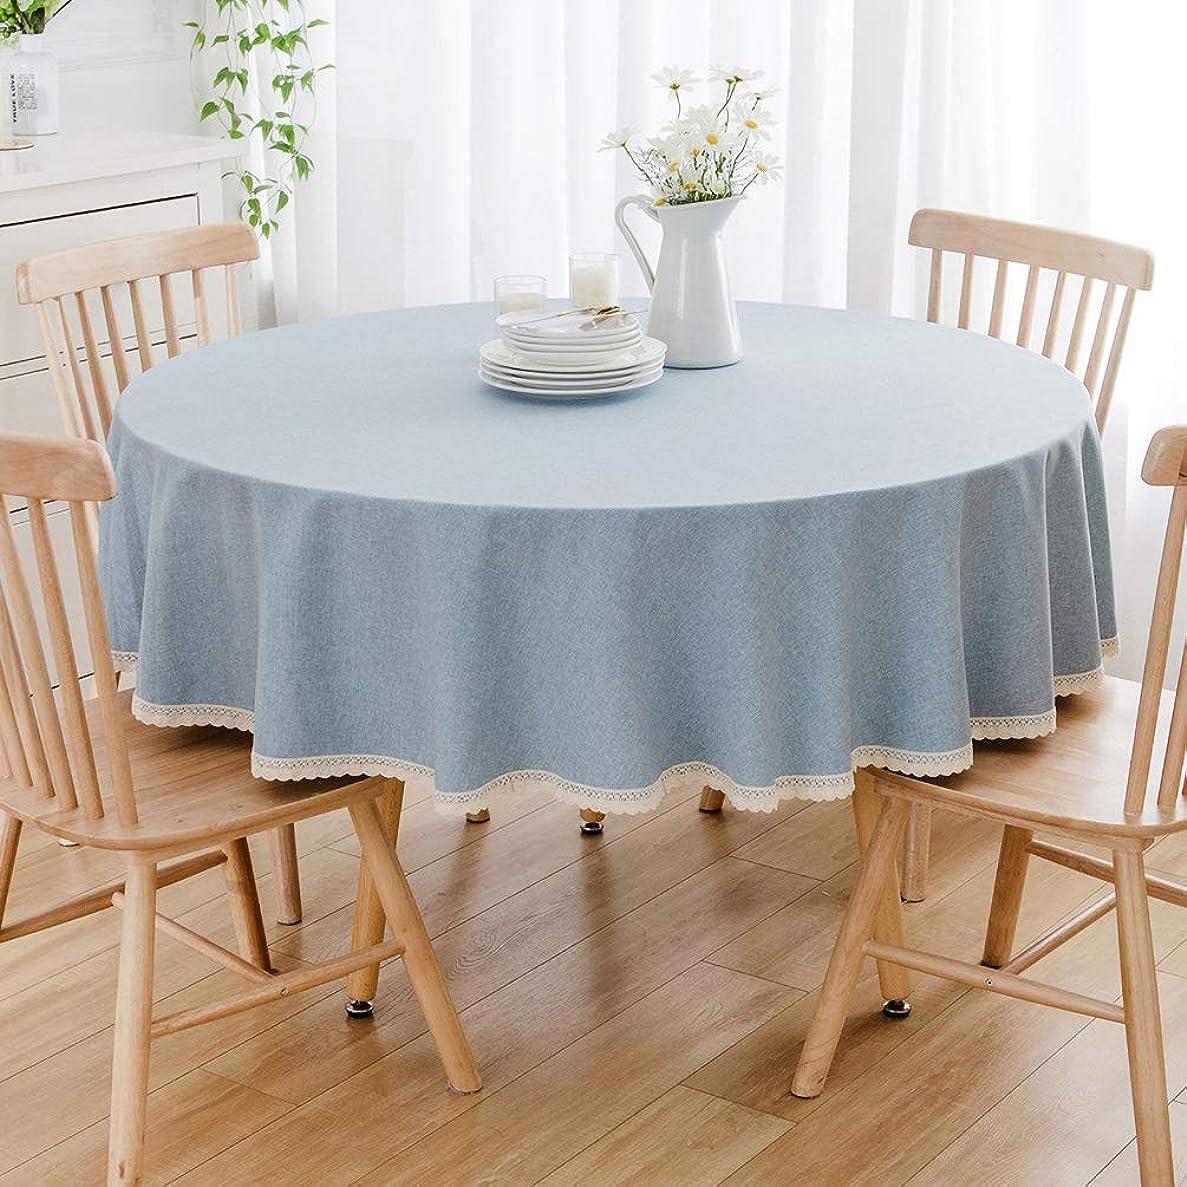 満たすピービッシュ禁じるテーブルクロス 円形 テーブルクロス シンプル ソリッドカラー 和風 テーブルカバークロス テーブルカバー 防汚 サイズ選択可能 インテリア用品 多用途 (水色, 直径90cm)